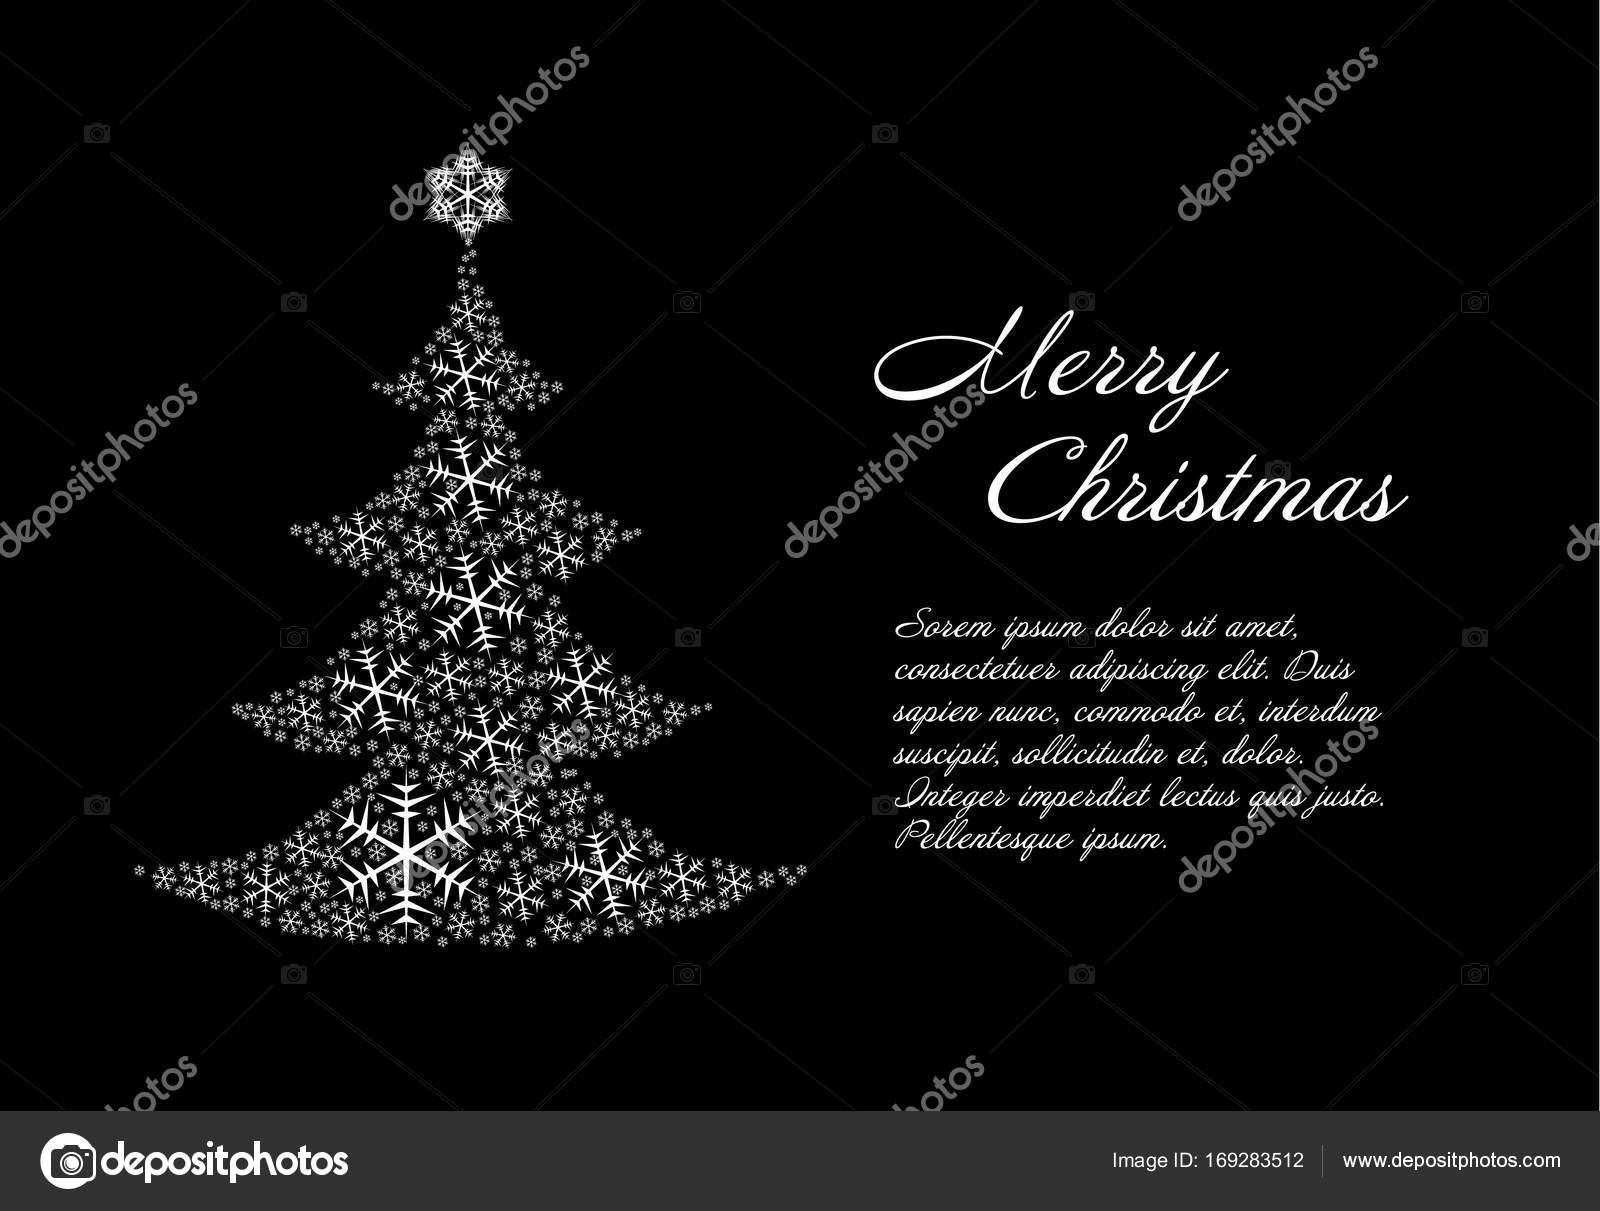 Weihnachtskarte vorlage stockvektor orson 169283512 - Vorlage weihnachtskarte ...